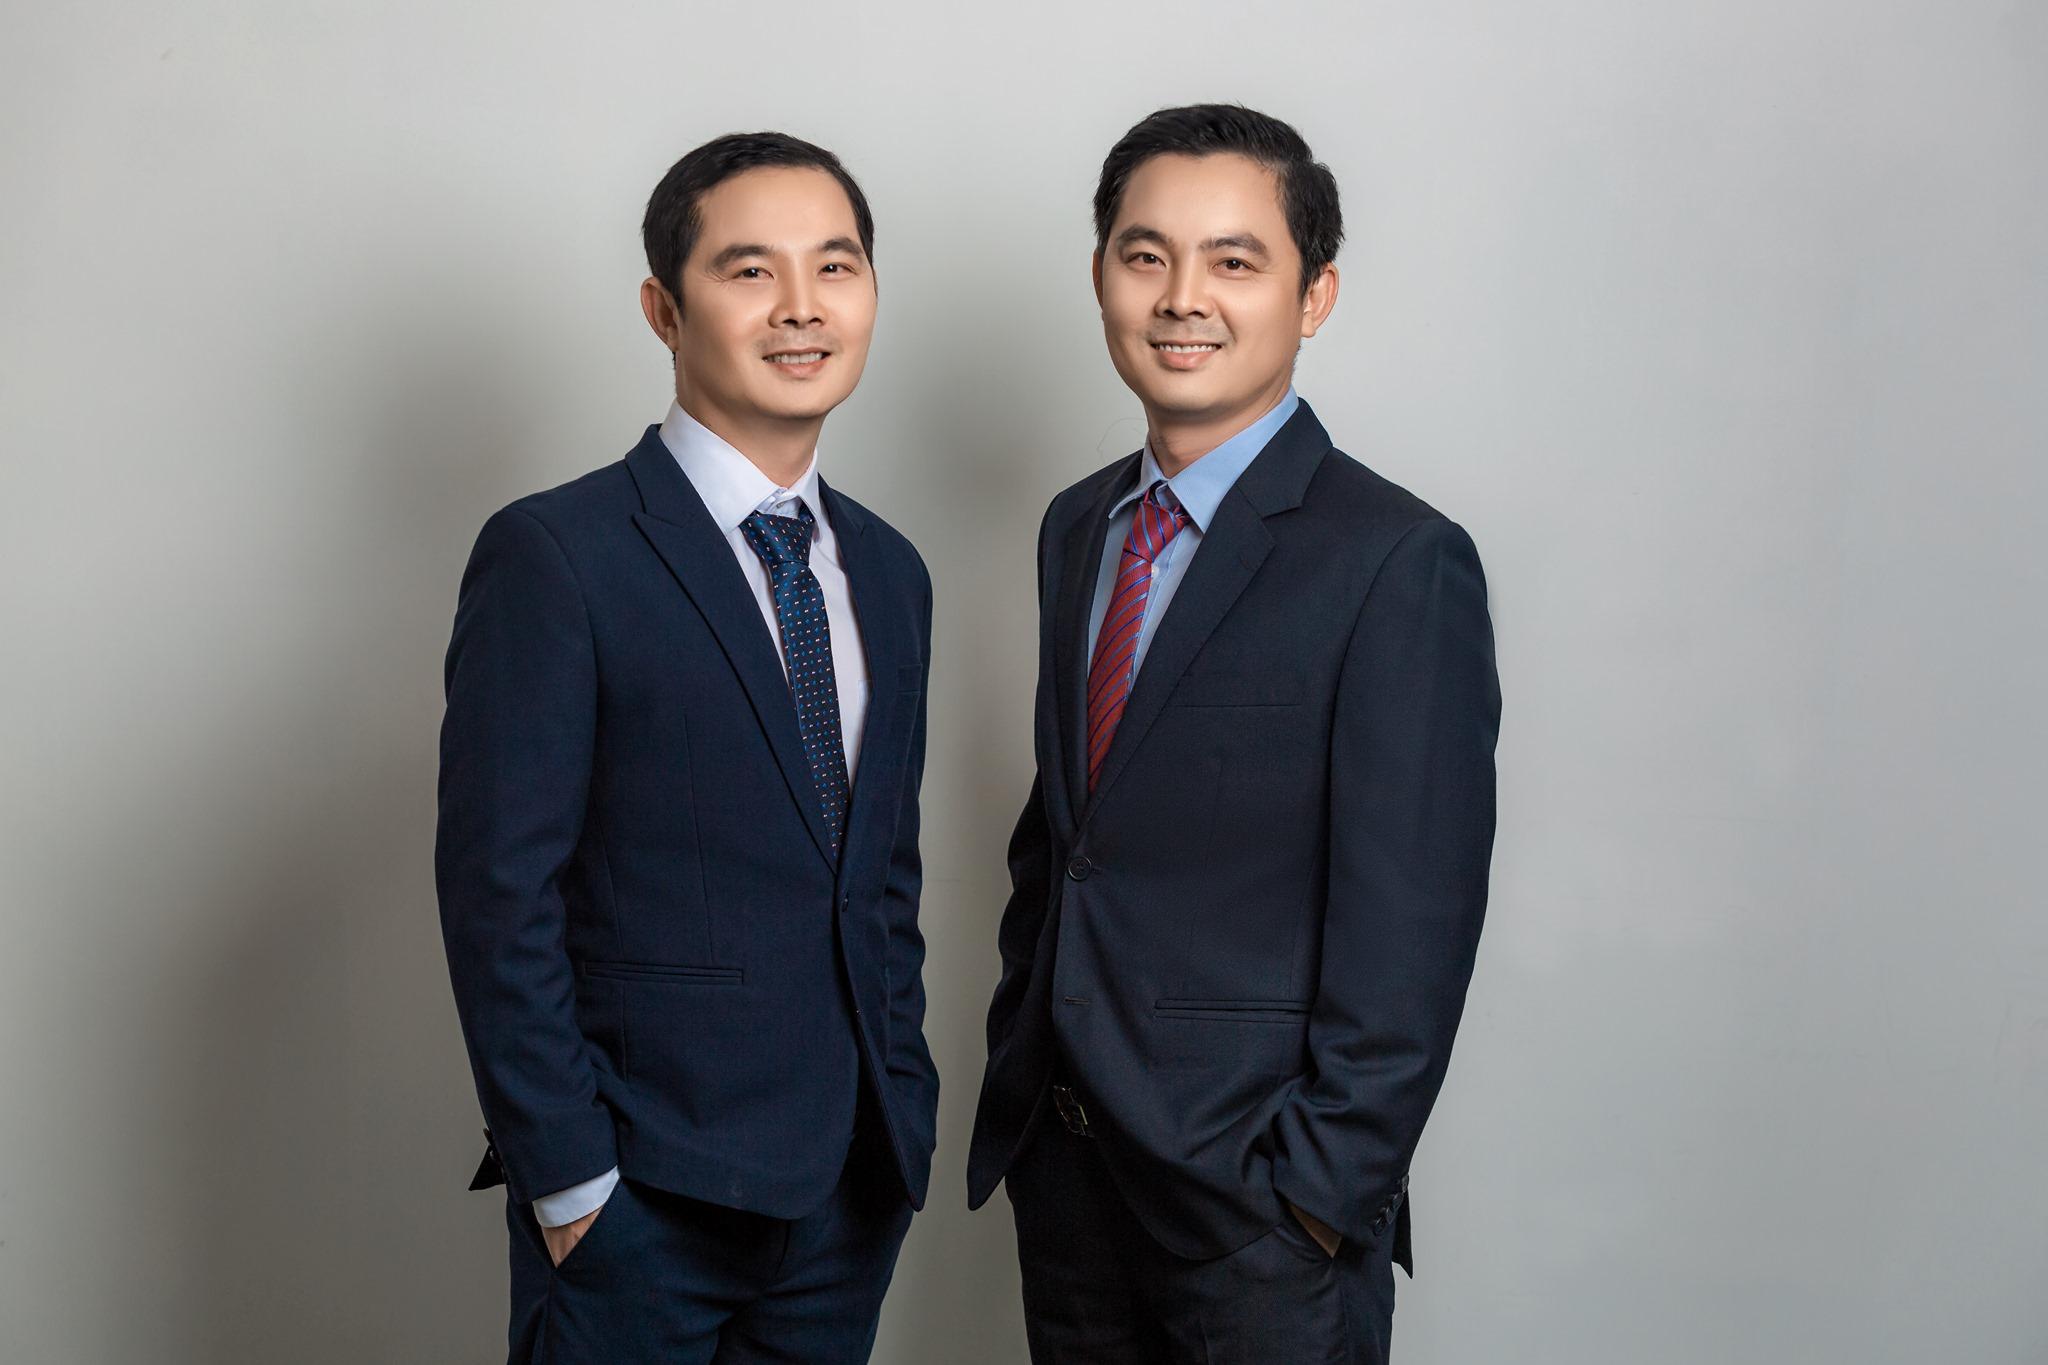 Hai nhà sáng lập của Mfat là Phan Thanh Long và Phan Thanh Vinh